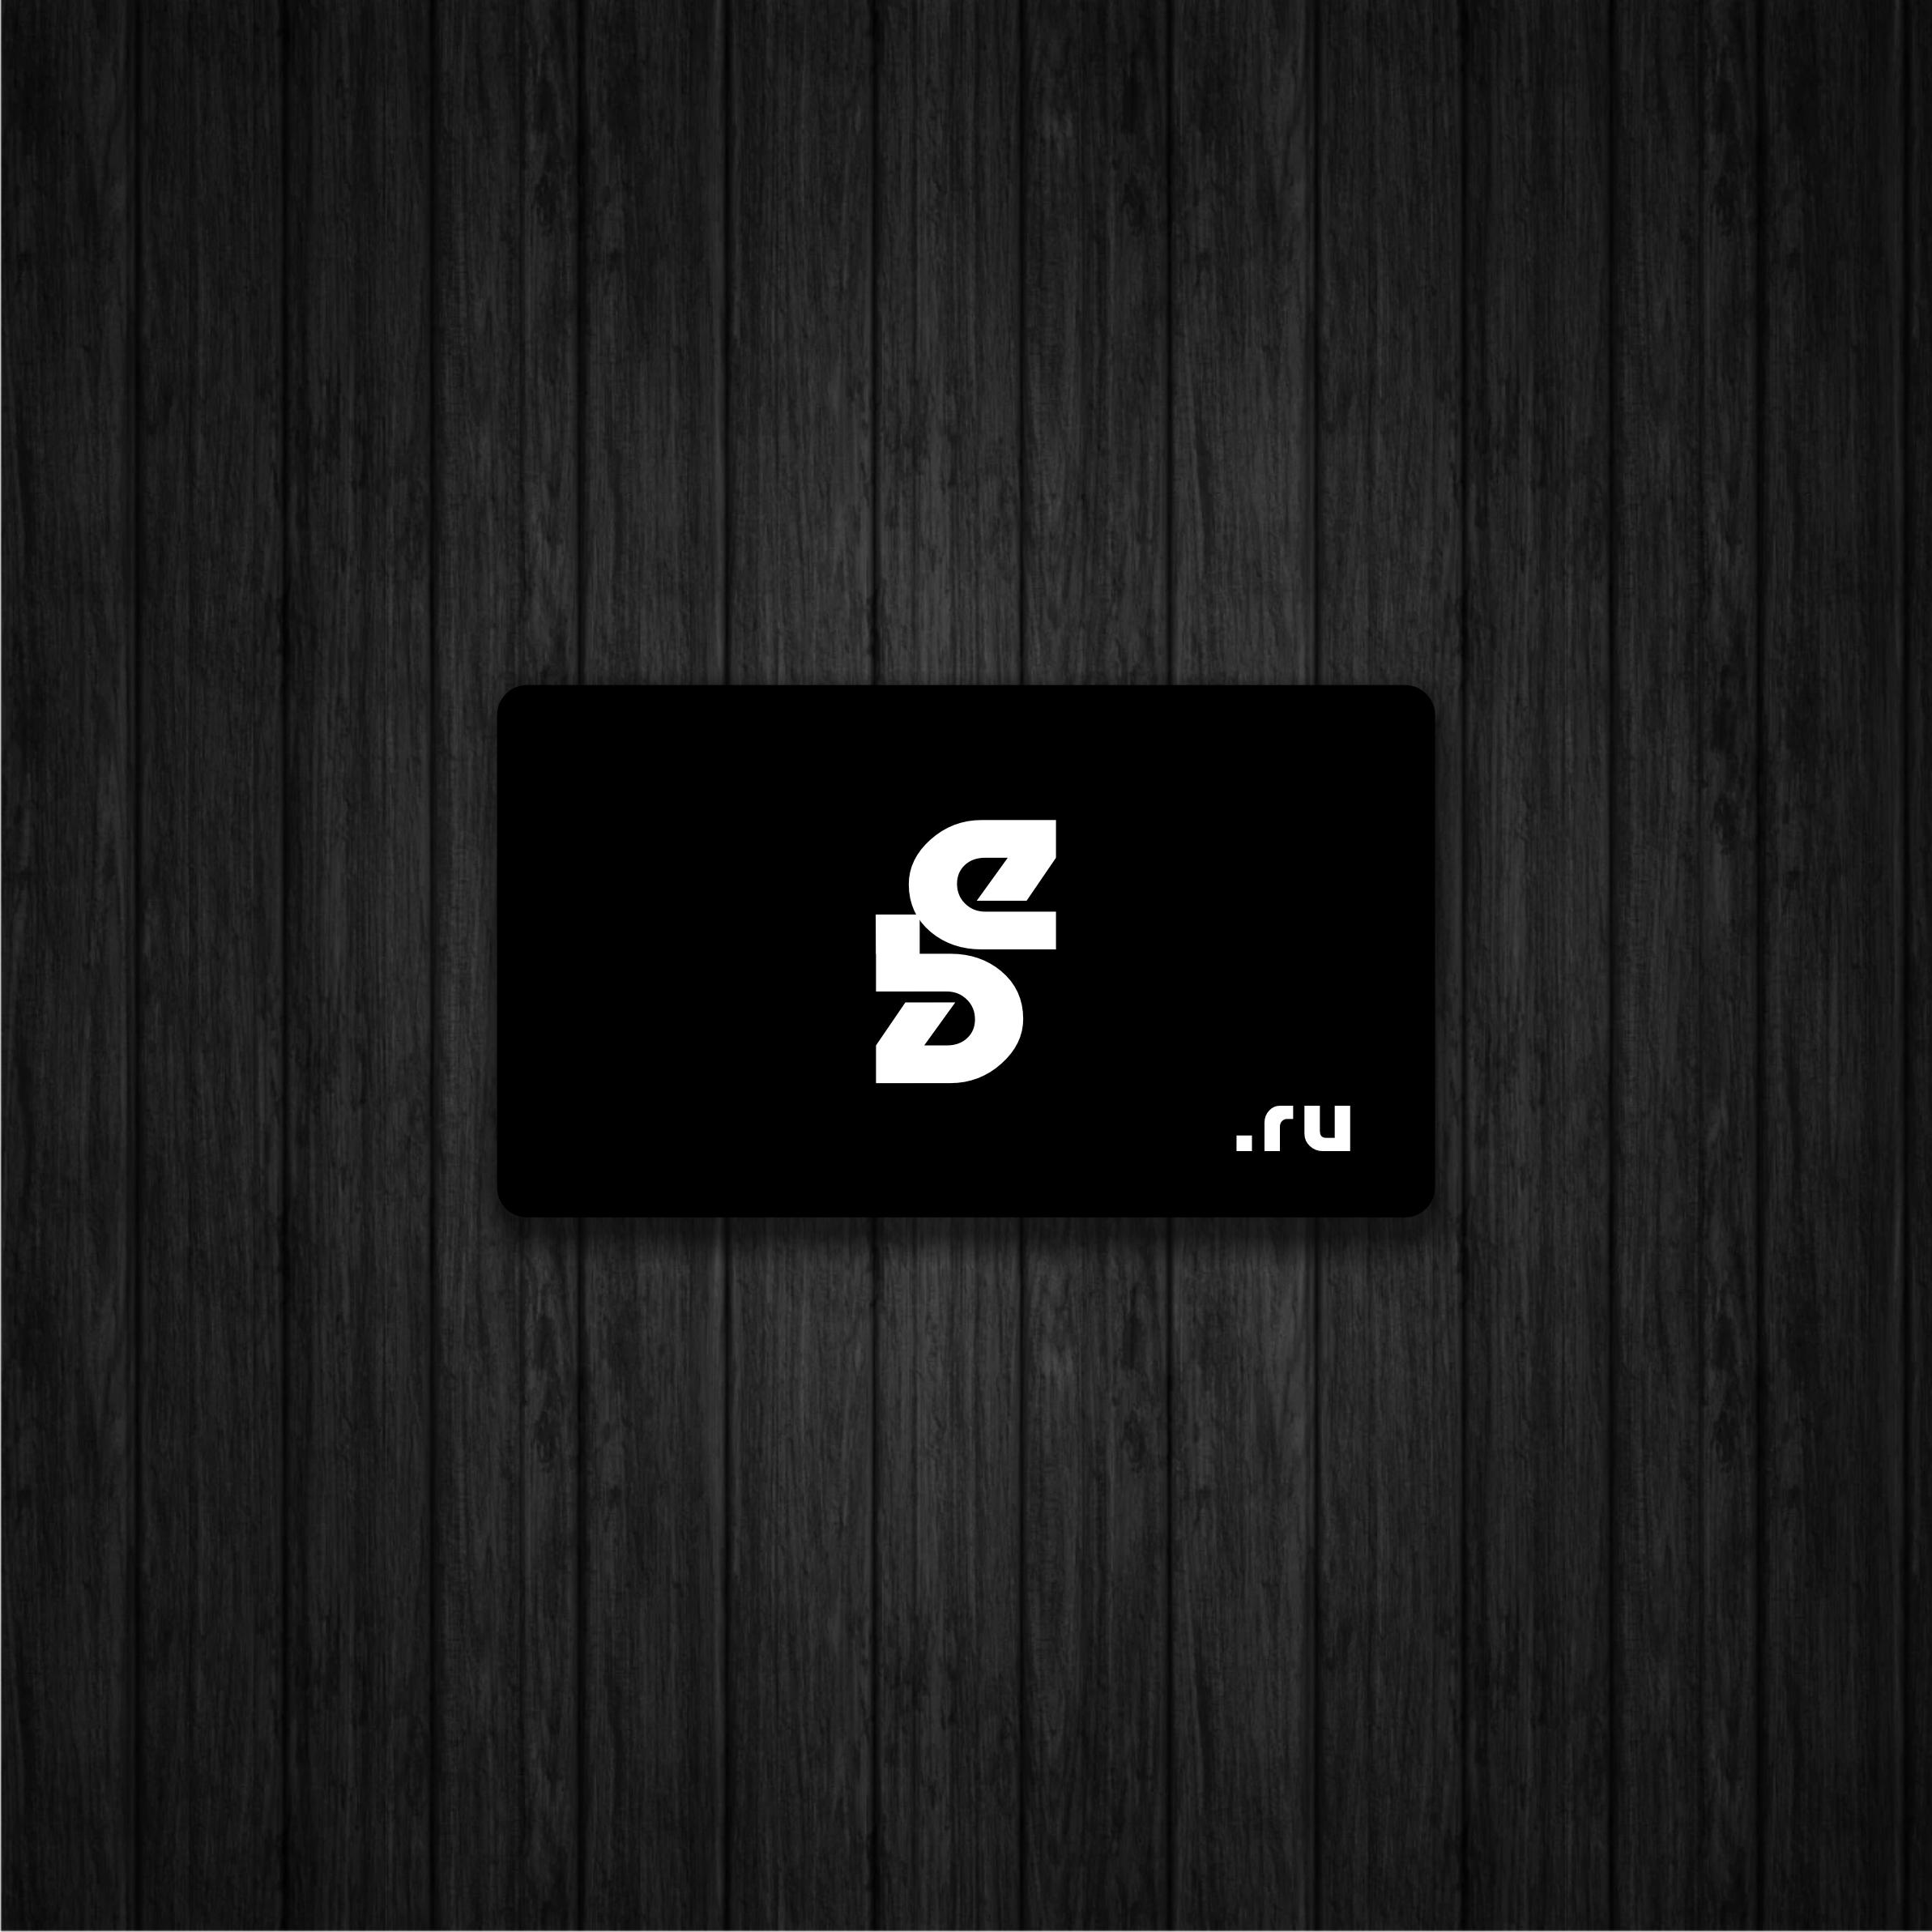 Нарисовать логотип для группы компаний  фото f_6145cdce16273d6b.jpg